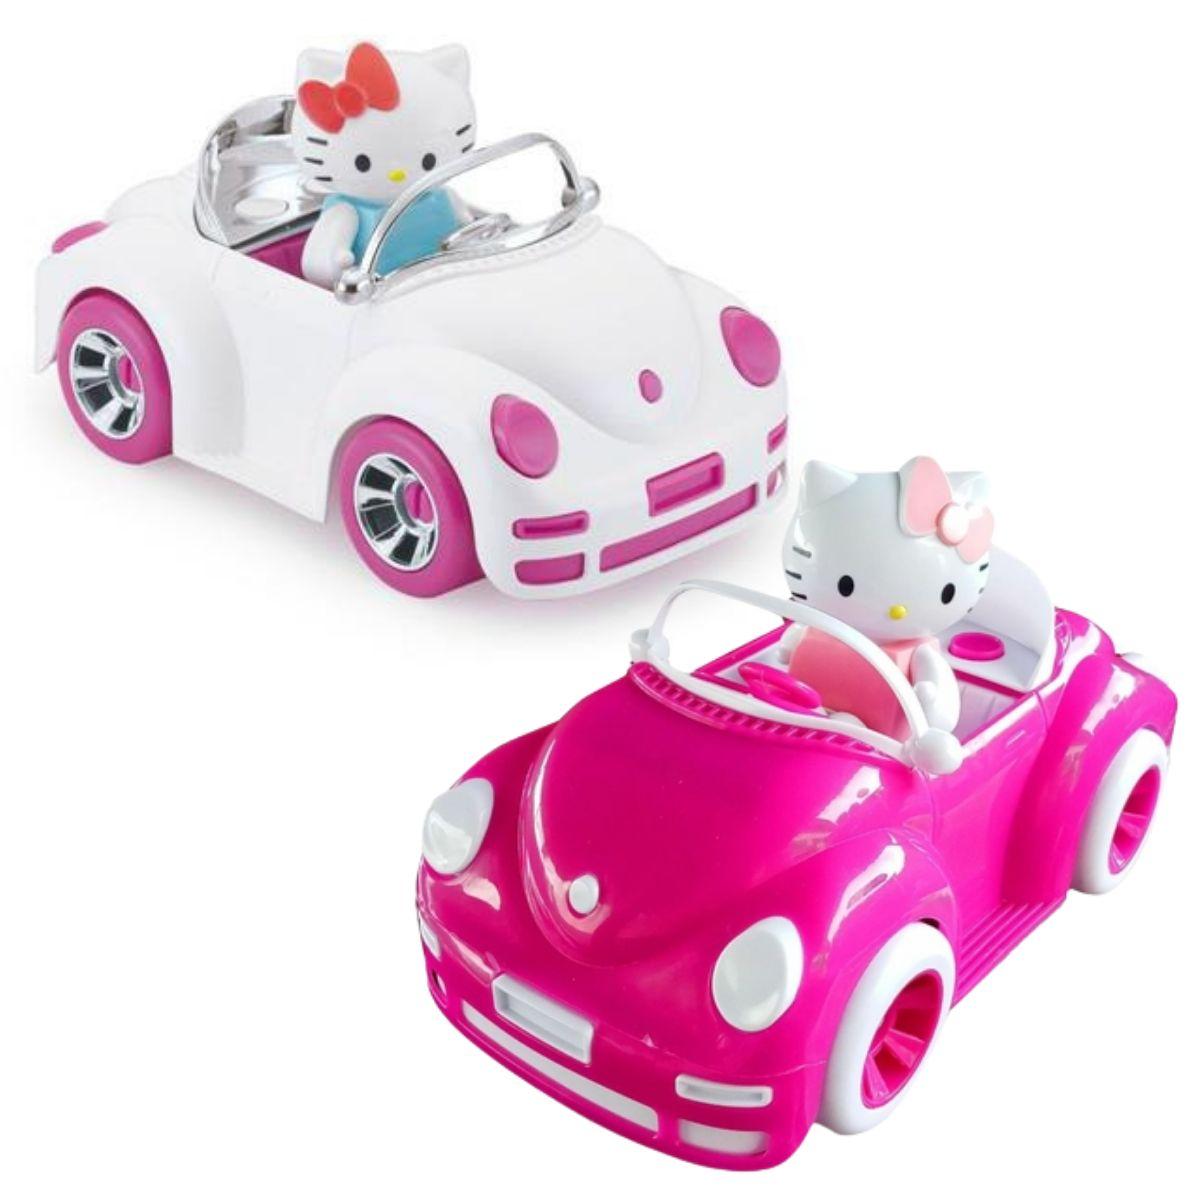 Carrinho de Brinquedo da Hello Kitty